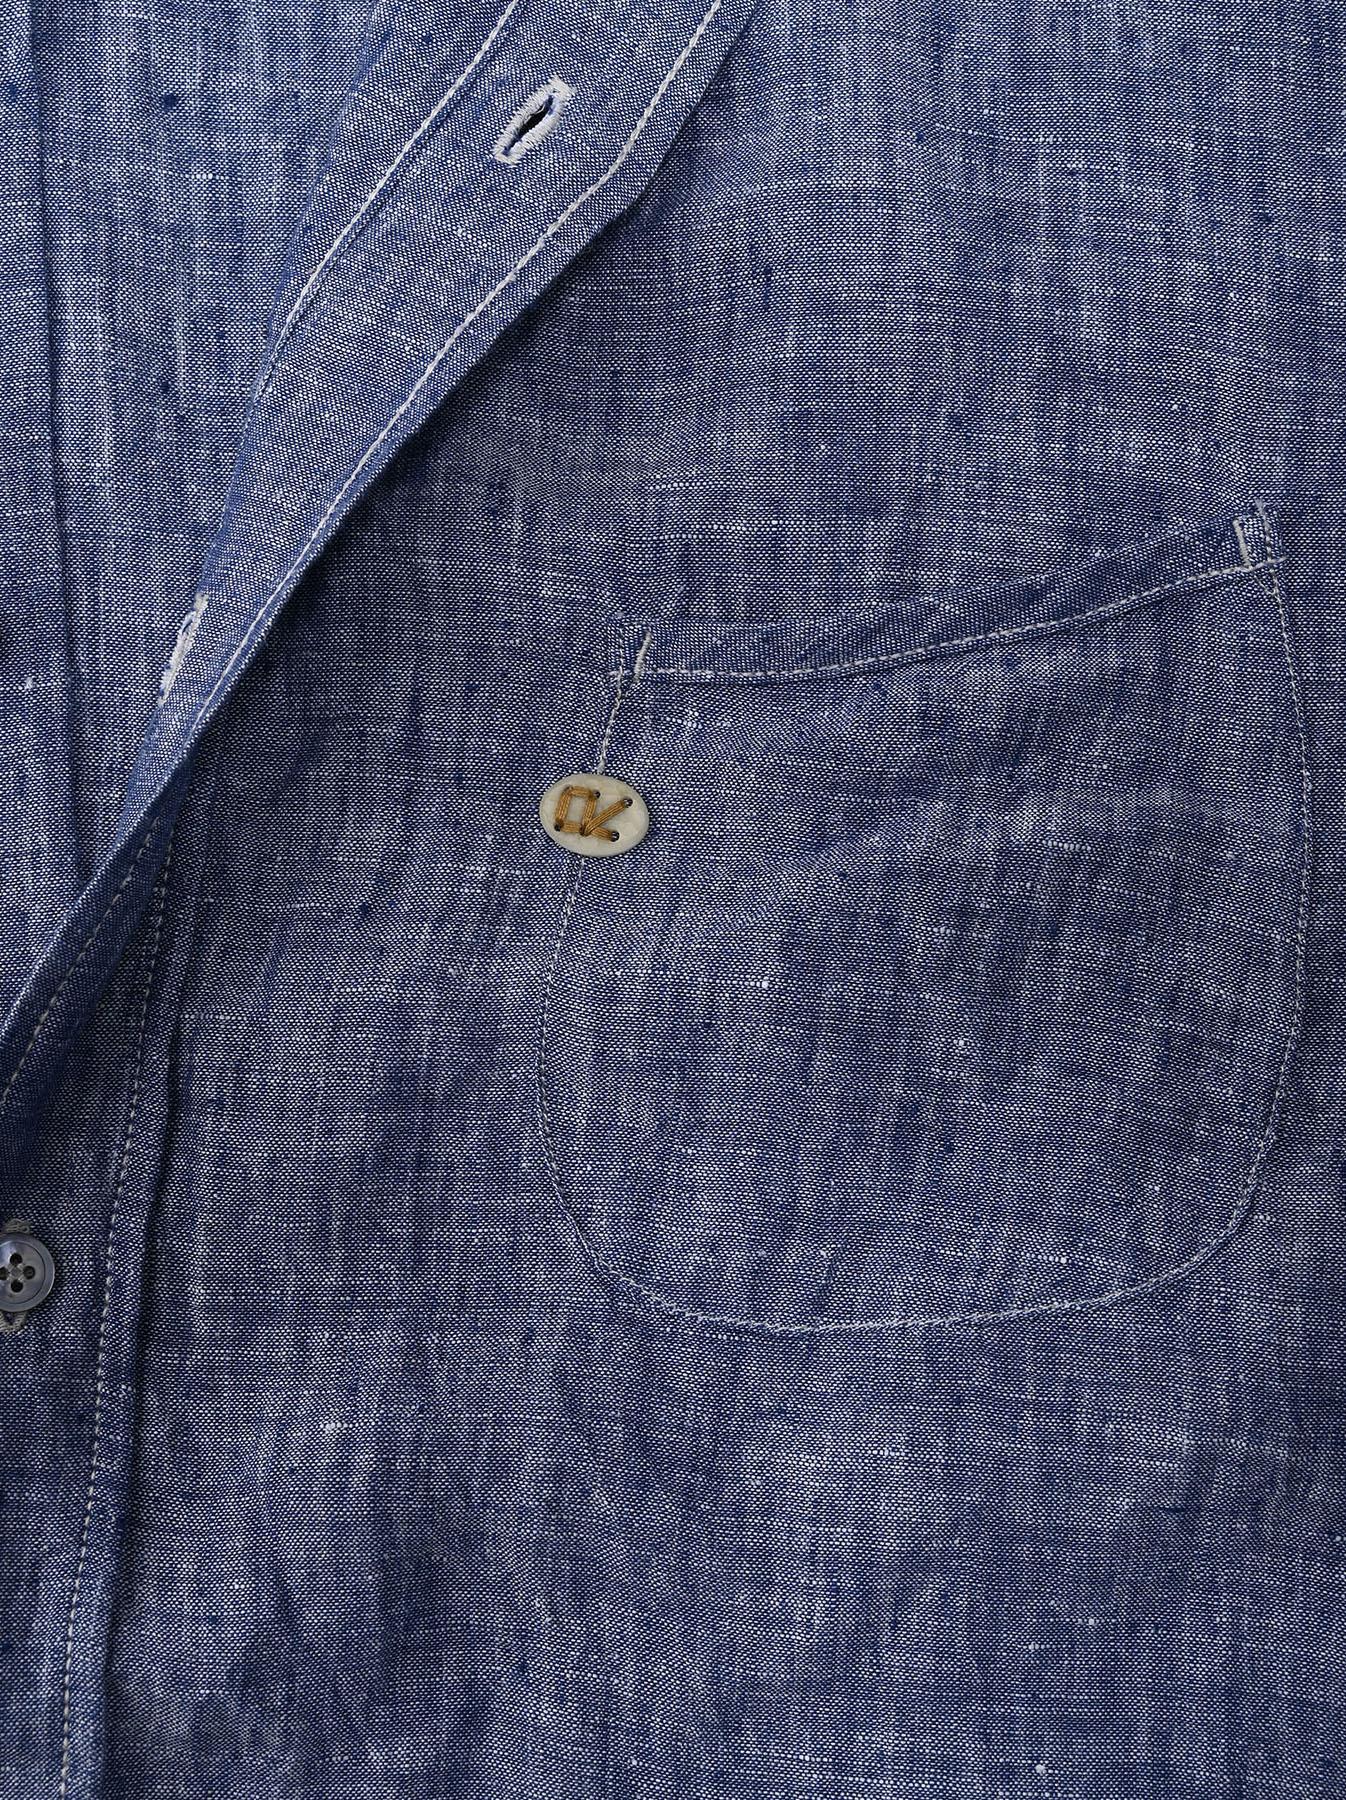 Indian Linen 908 Ocean Button Down Shirt (0421)-9